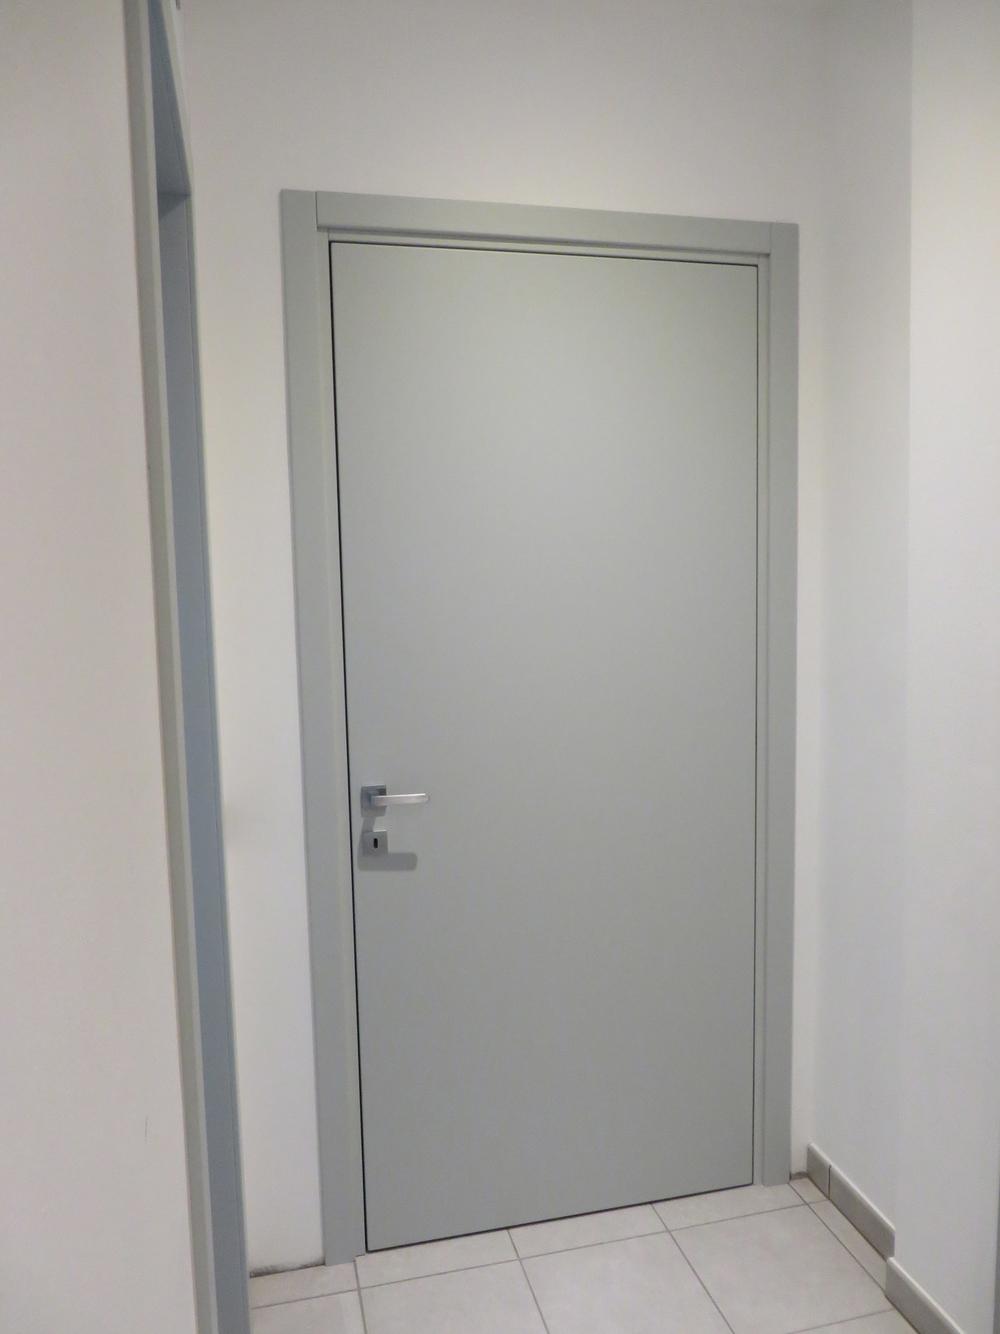 Porte interne roncoroni legno - Porte interne rovere grigio ...